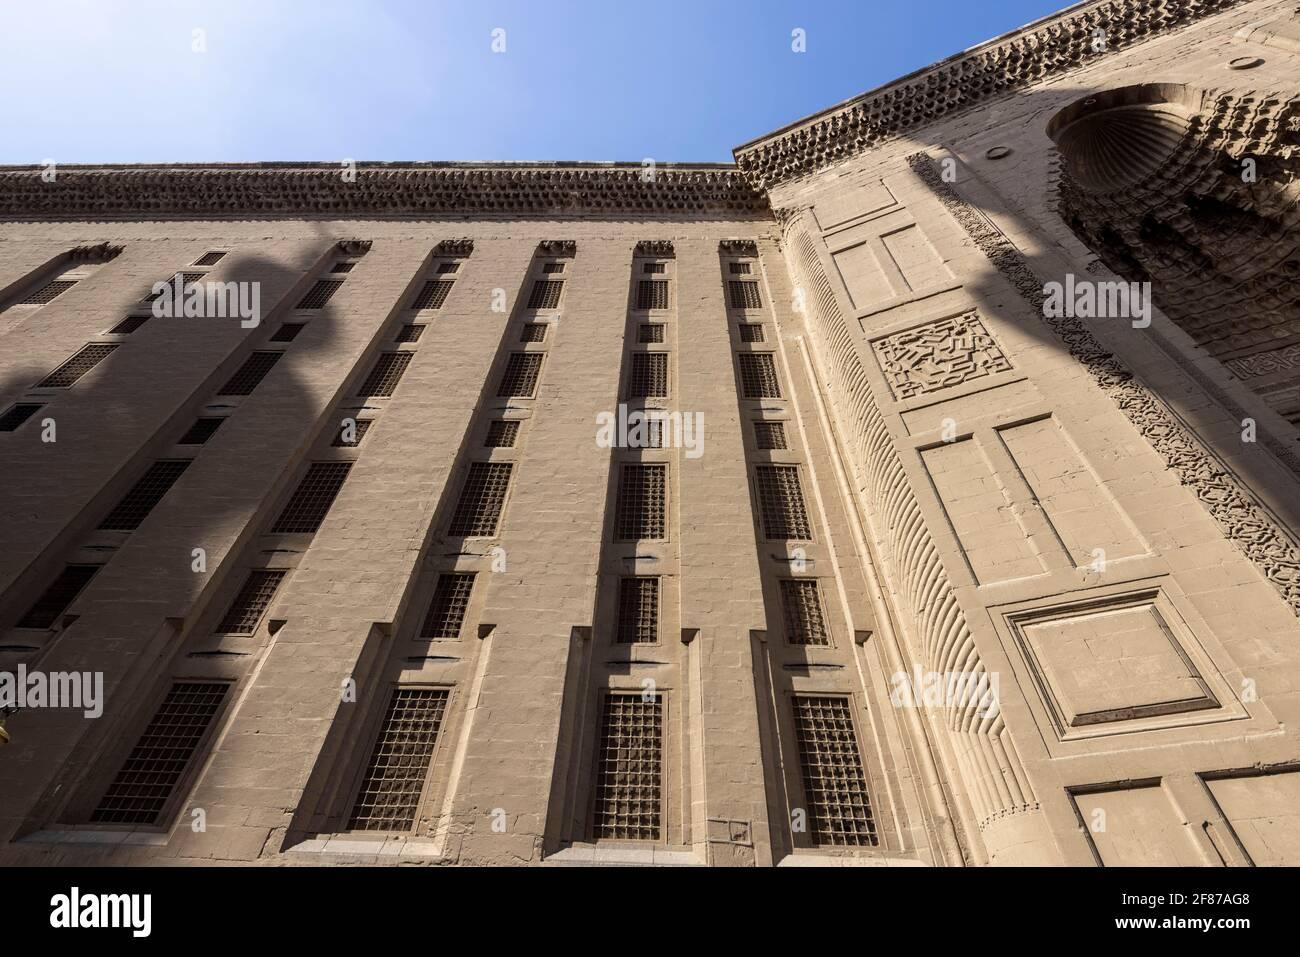 ventanas y portal, complejo Sultan Hasan, El Cairo Foto de stock